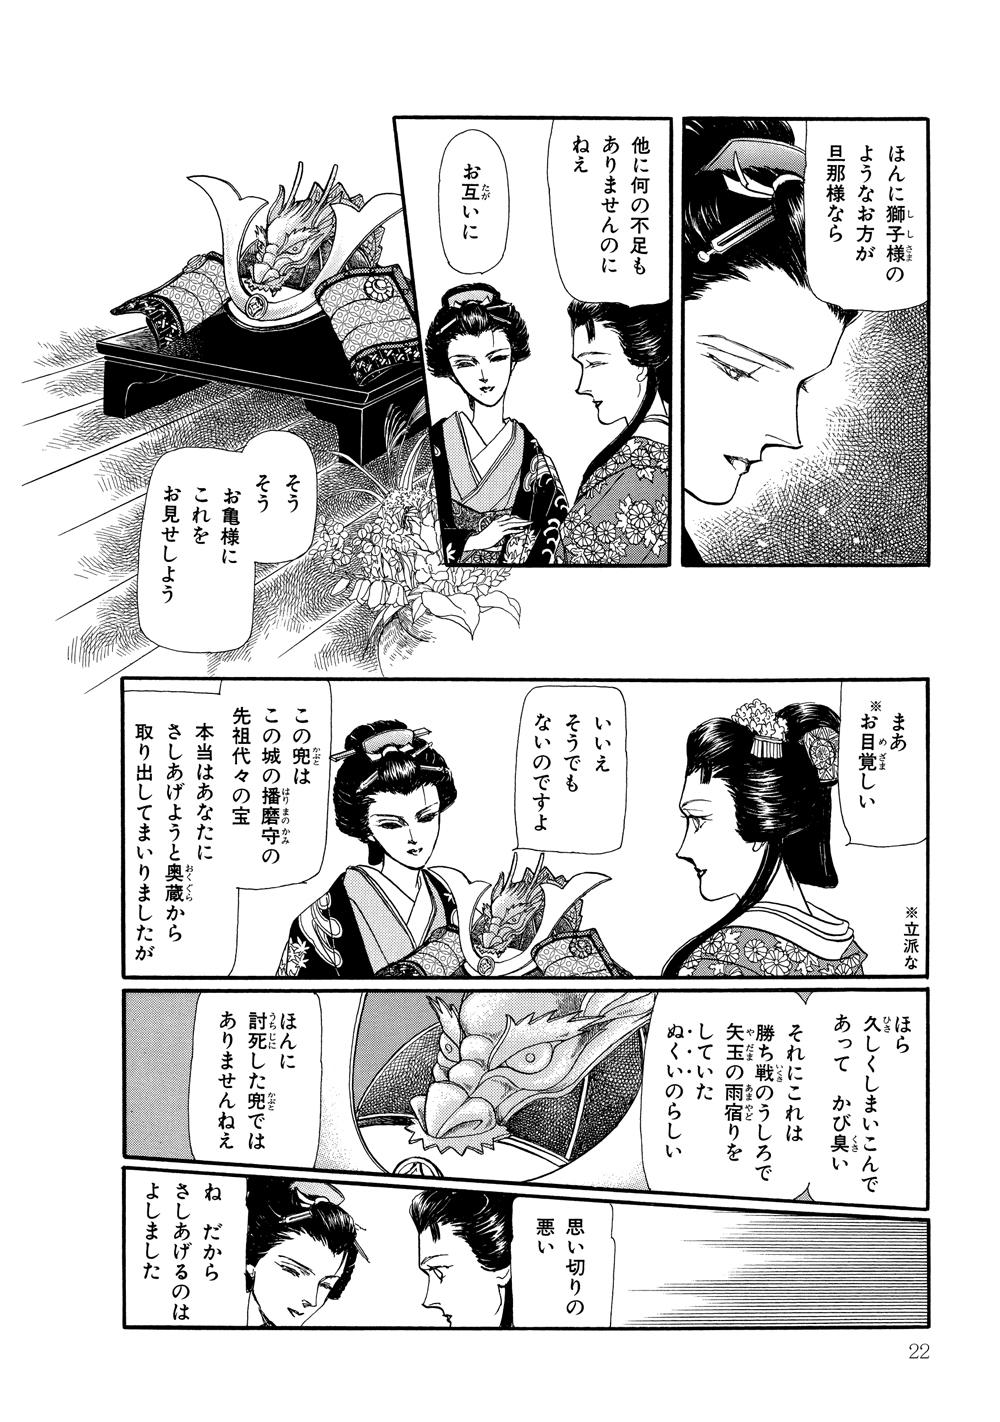 鏡花夢幻01_022.jpg